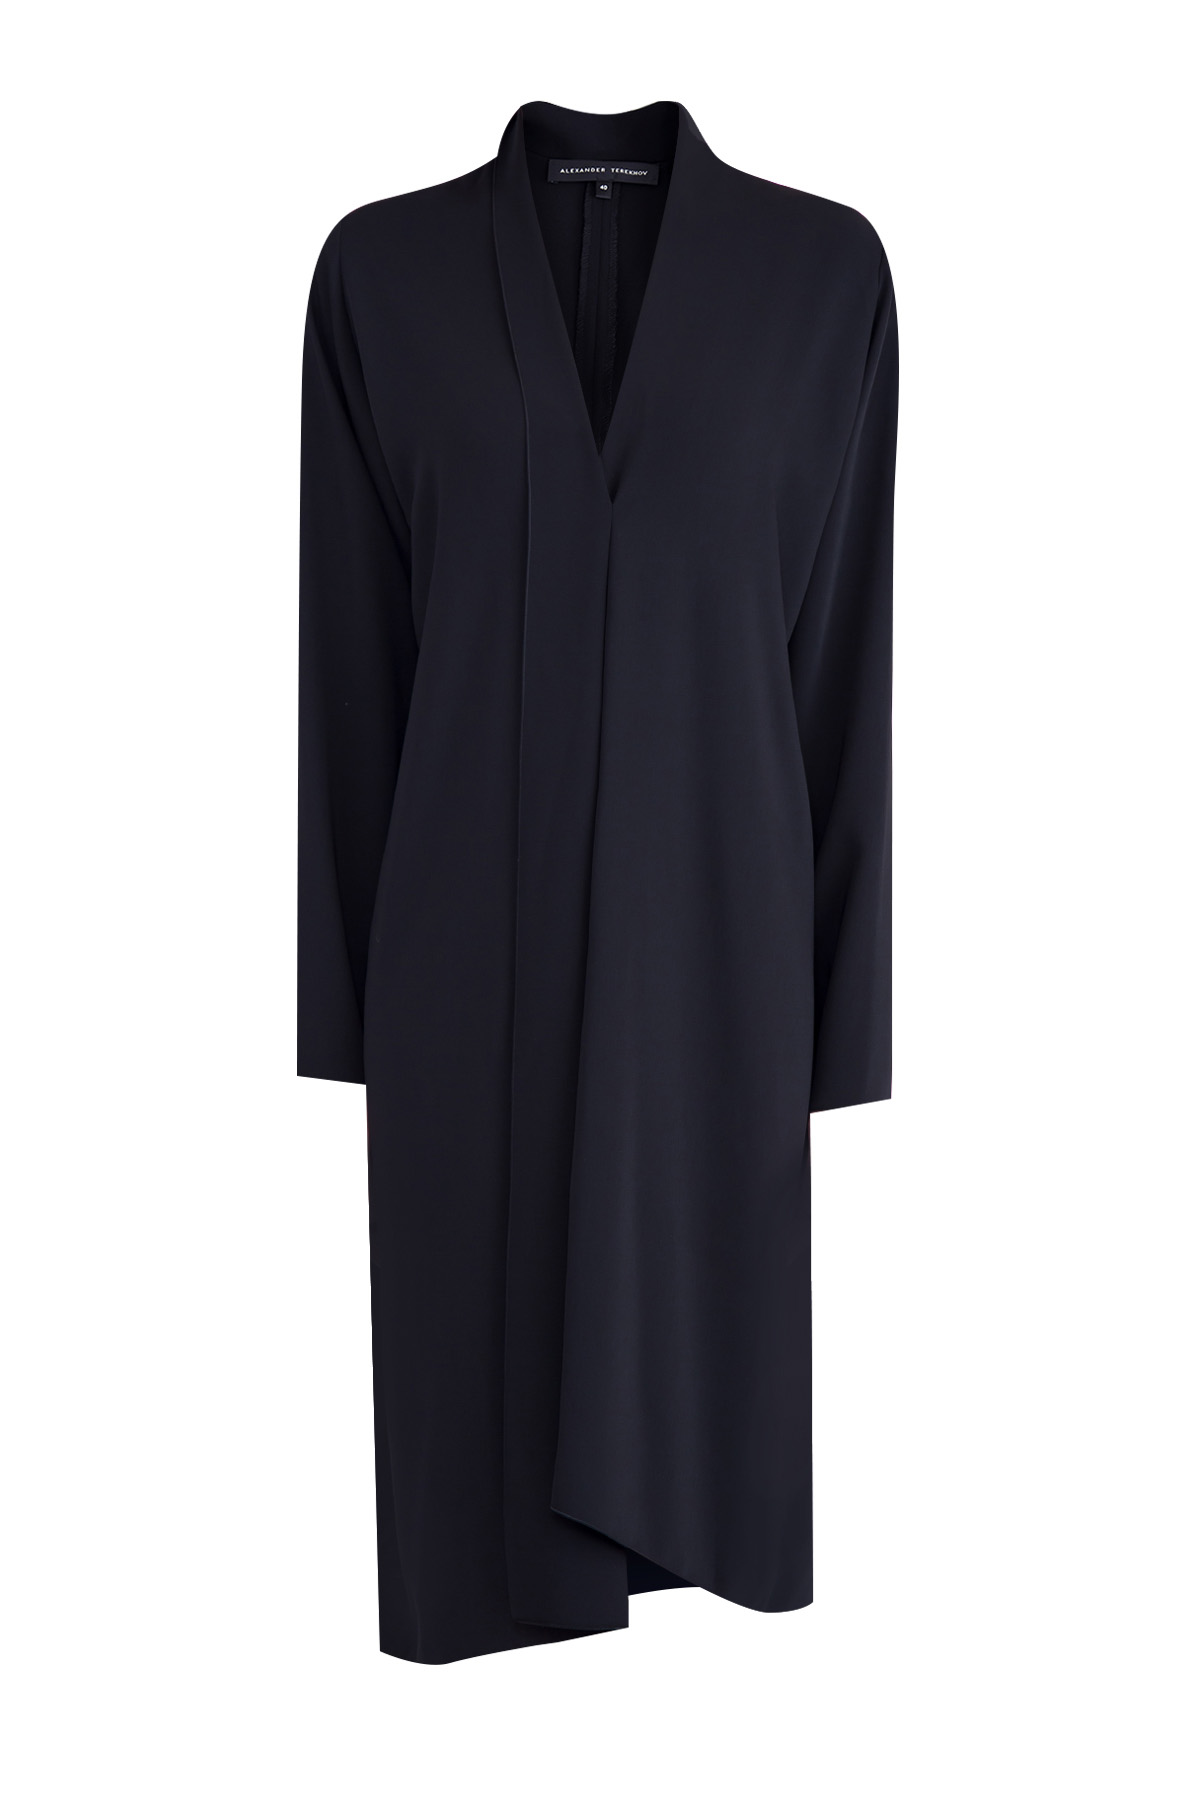 Купить Классическое платье асимметричного кроя с шалевым воротом, ALEXANDER TEREKHOV, Россия, полиэстер 100%